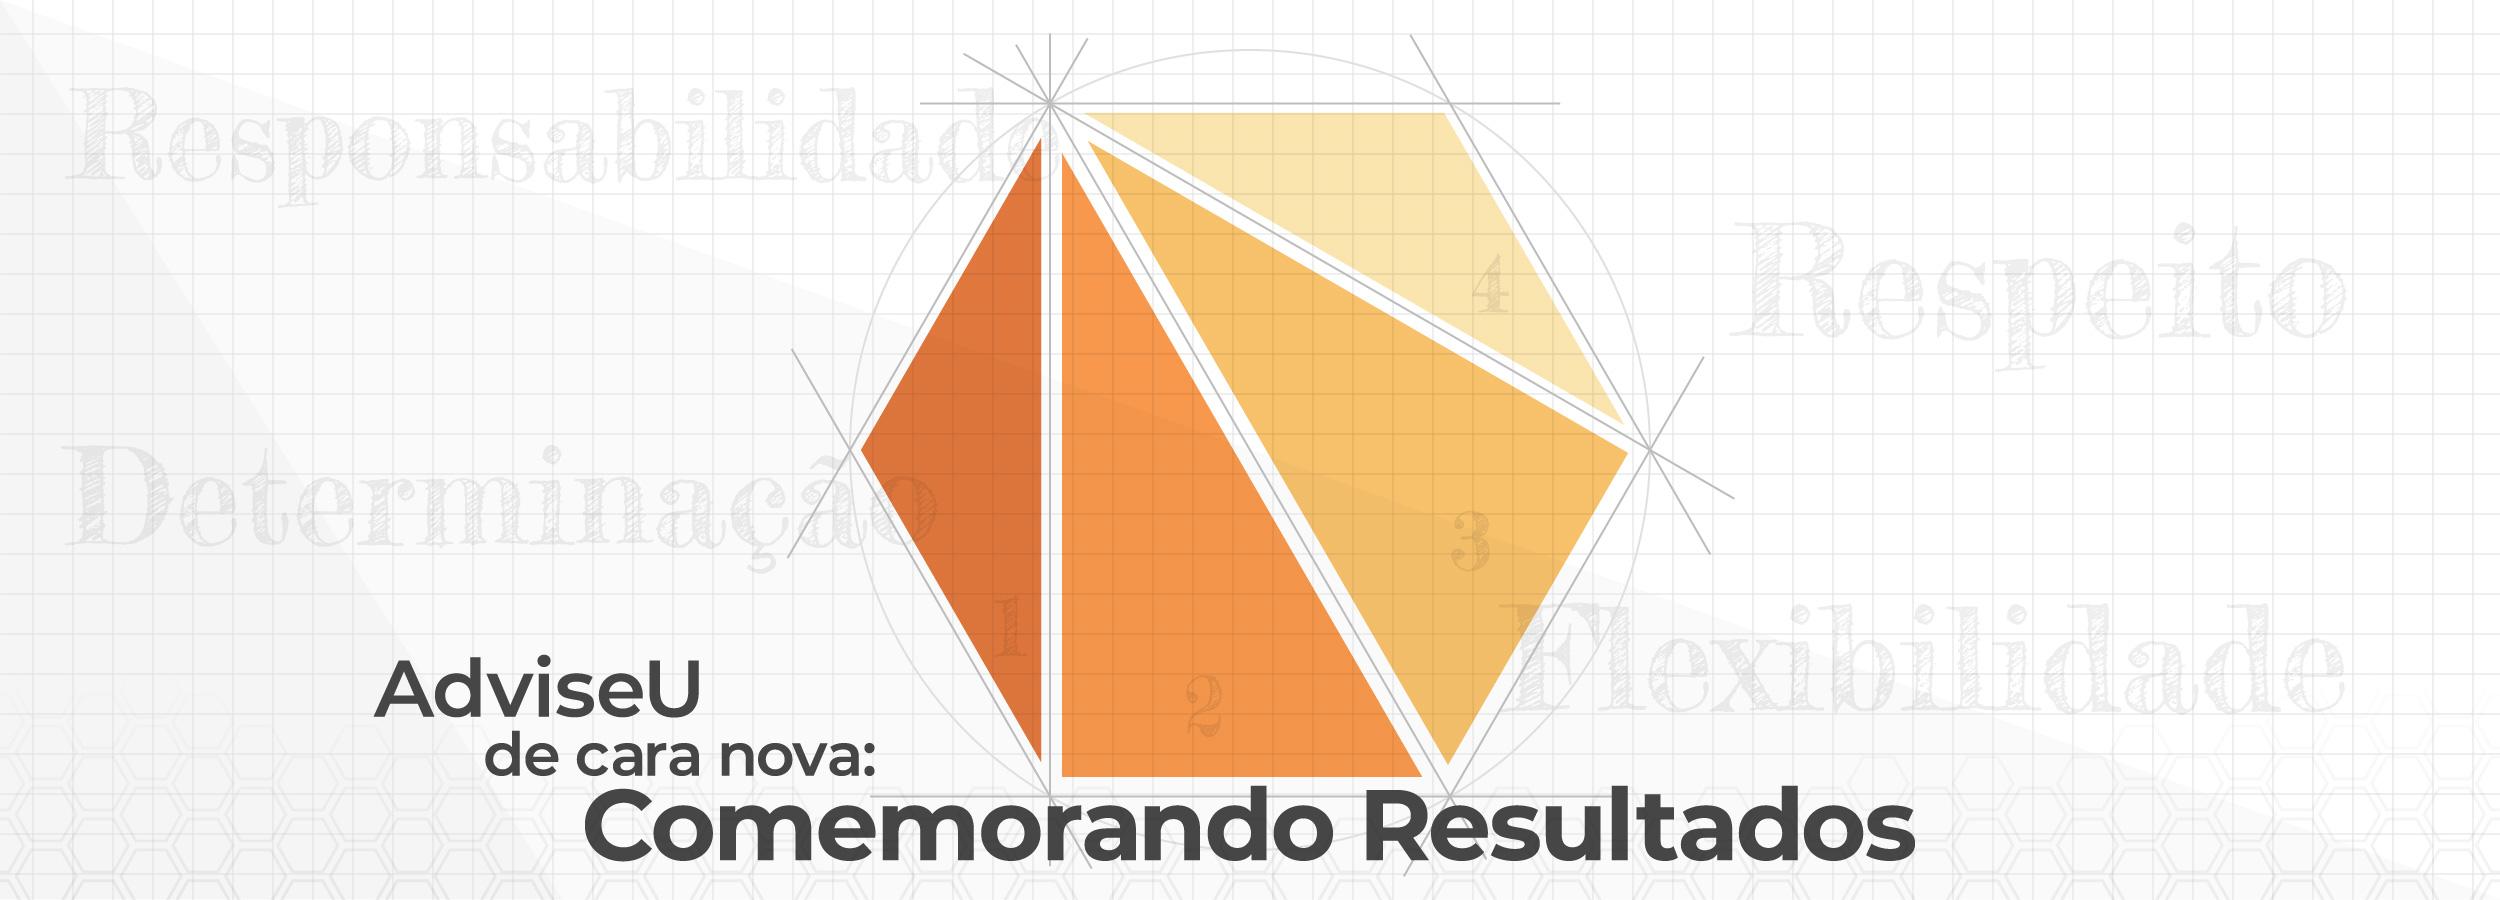 AdviseU de cara nova: Comemorando Resultados